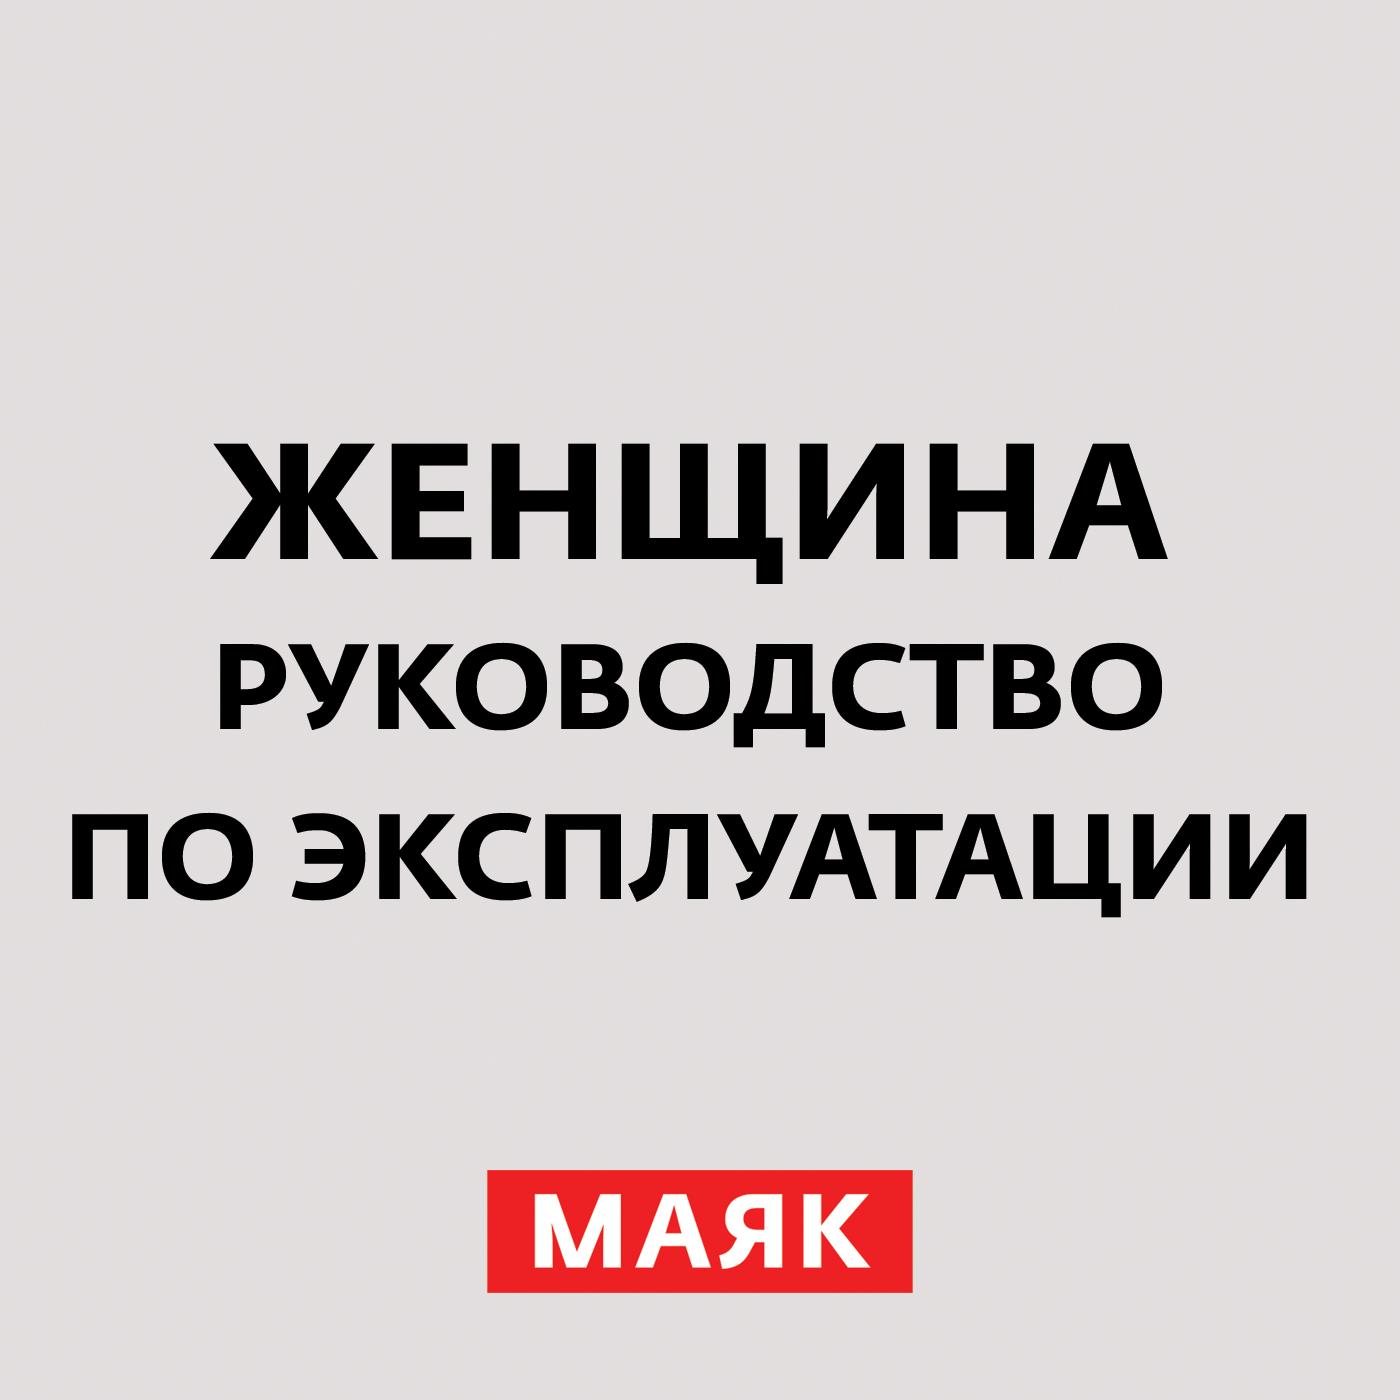 Творческий коллектив радио «Маяк» Женская дружба